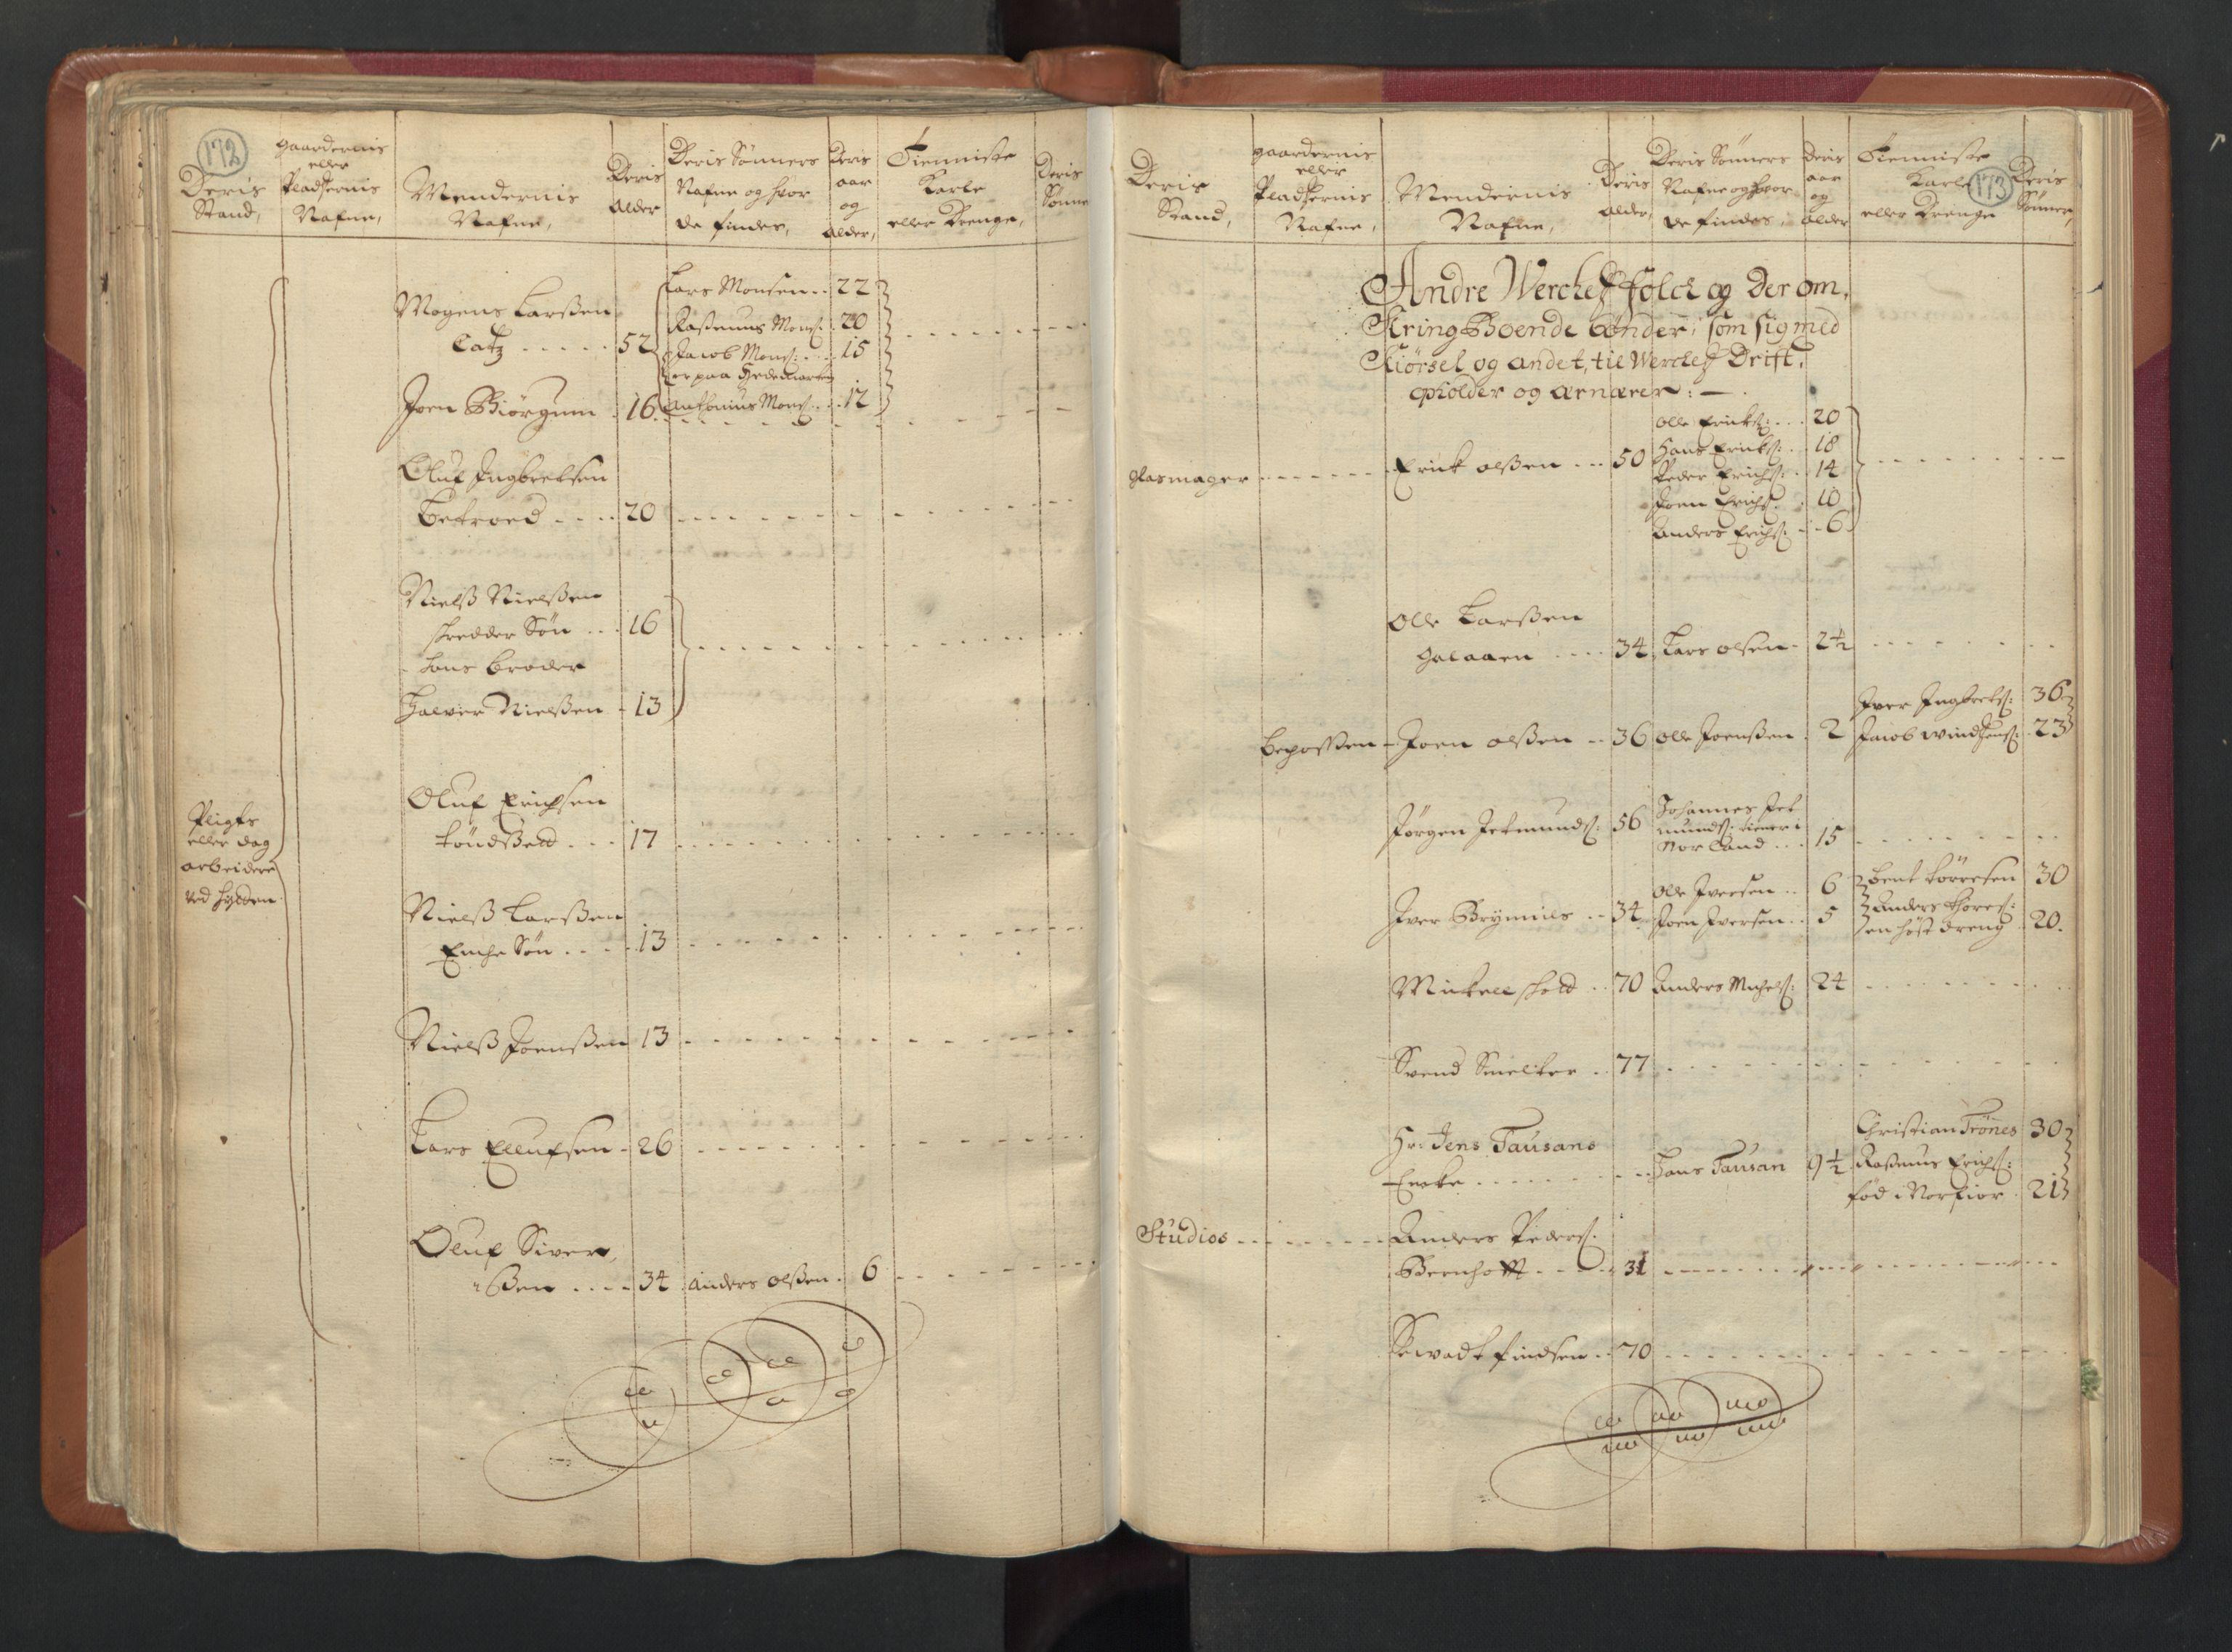 RA, Manntallet 1701, nr. 13: Orkdal fogderi og Gauldal fogderi med Røros kobberverk, 1701, s. 172-173